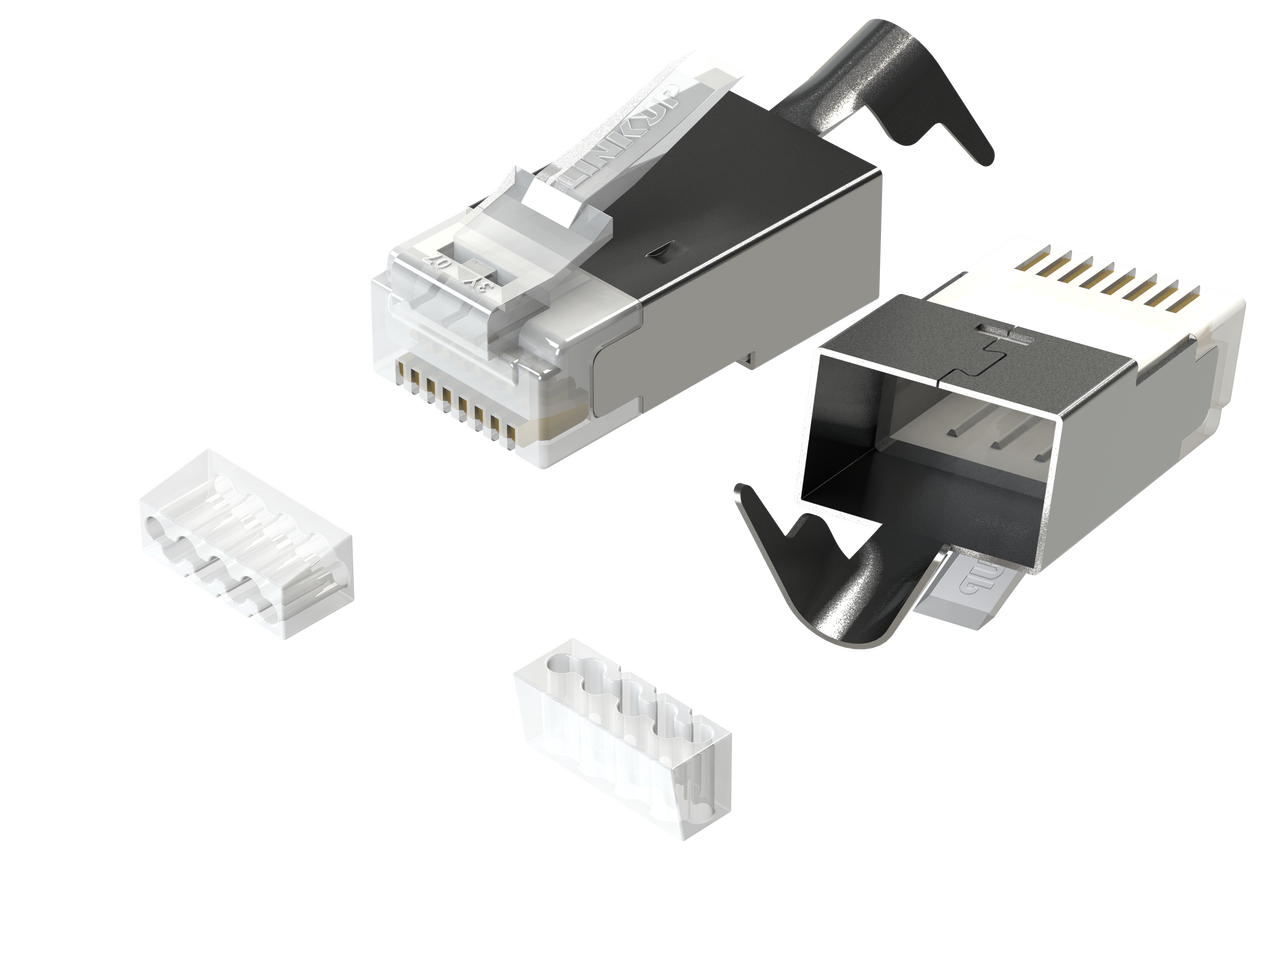 Wiring Rj45 Modular Plug Wiring Diagram